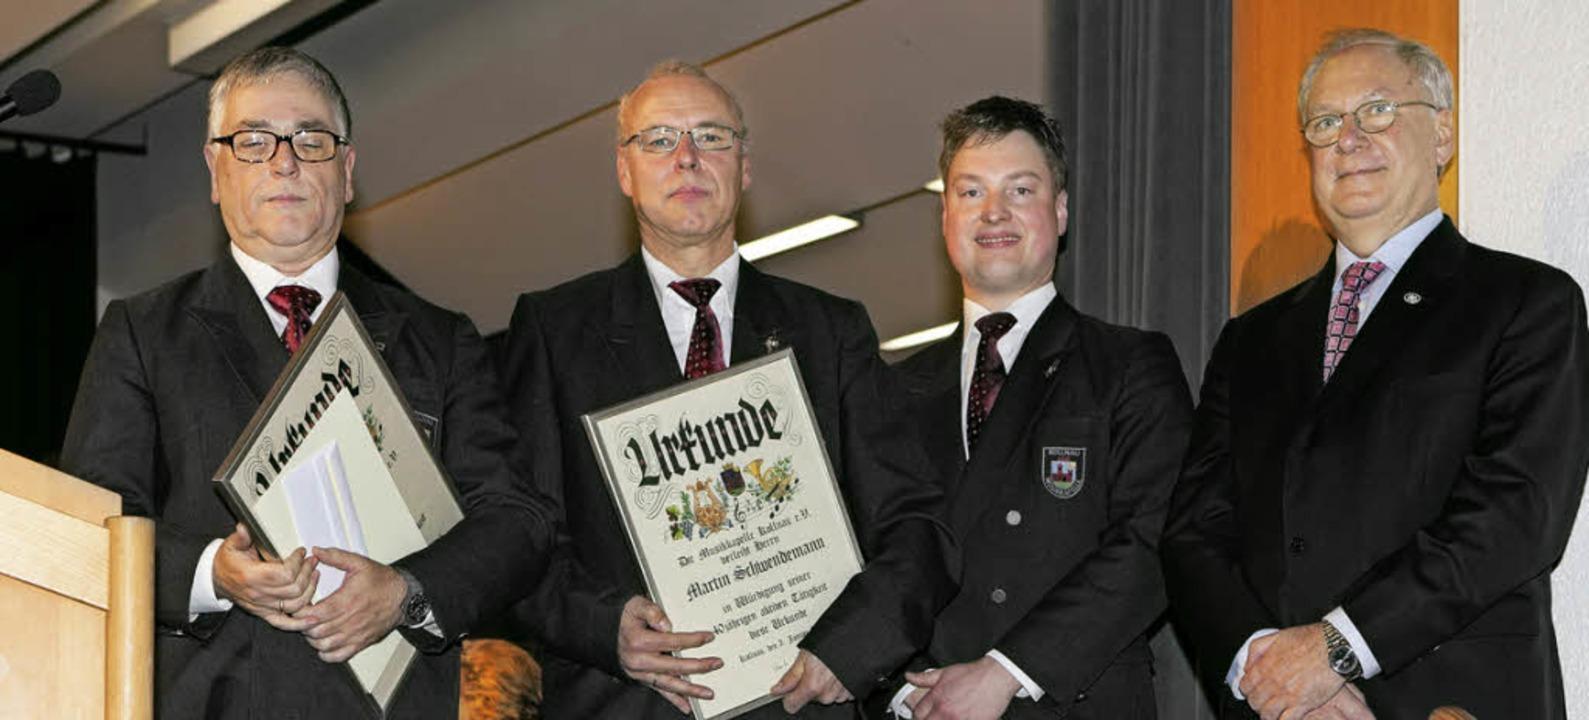 Josef Brugger und Martin Schwendemann ... Wehrle und Harald Bobeth (von links).  | Foto: Photographer: Gabriele Zahn